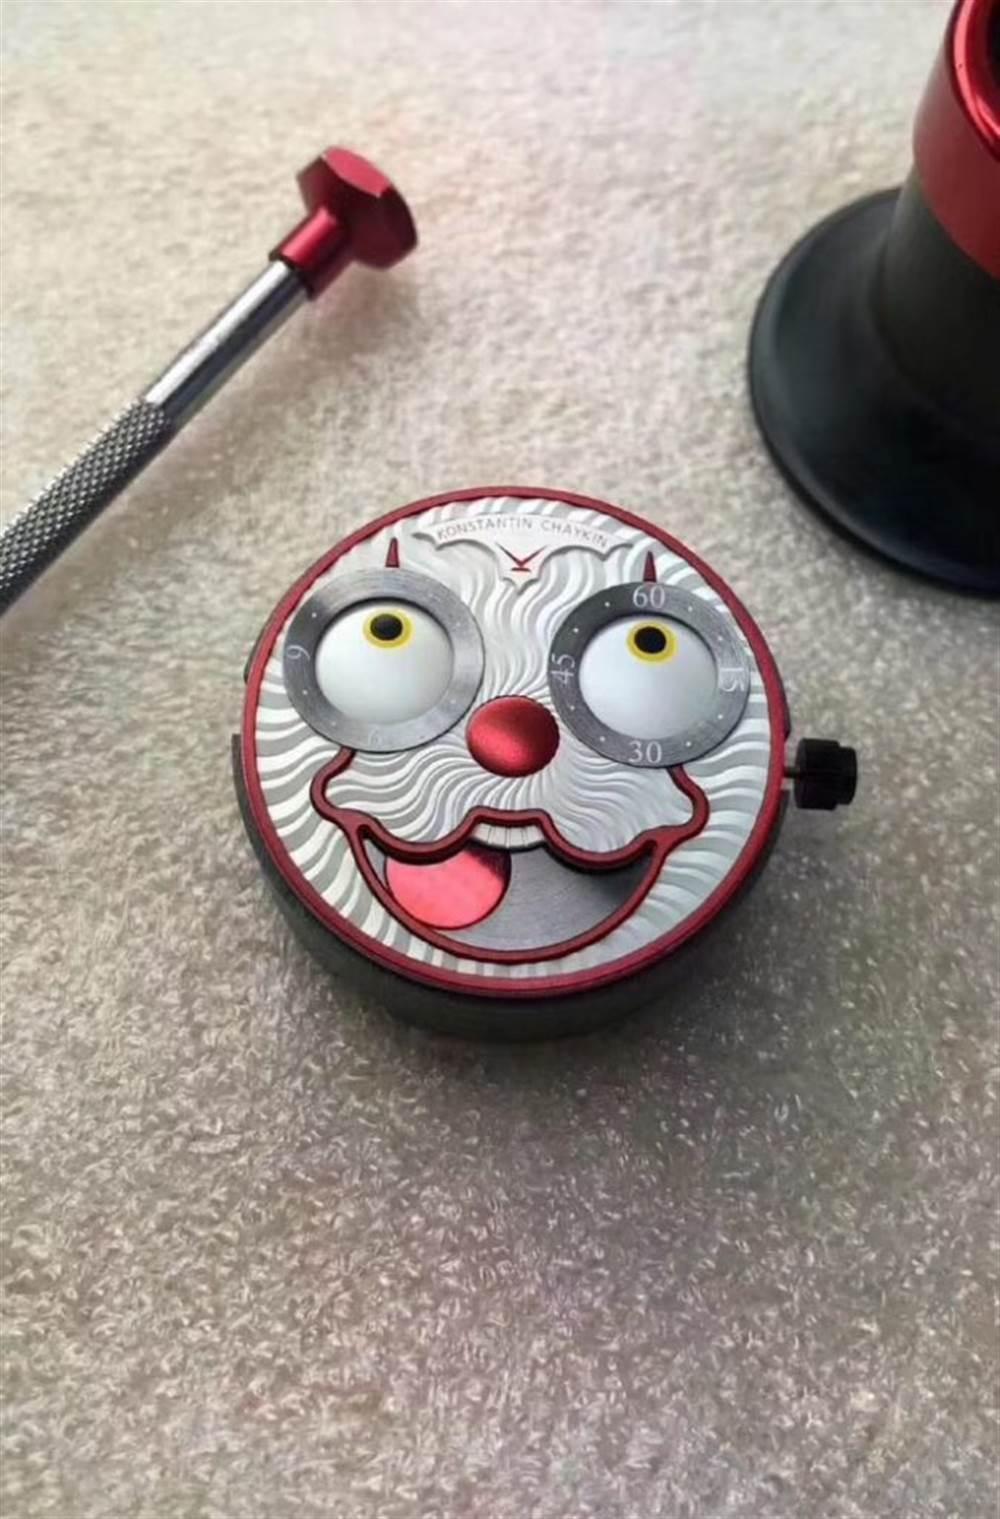 俄罗斯小丑复刻表v2升级版首发评测 第2张